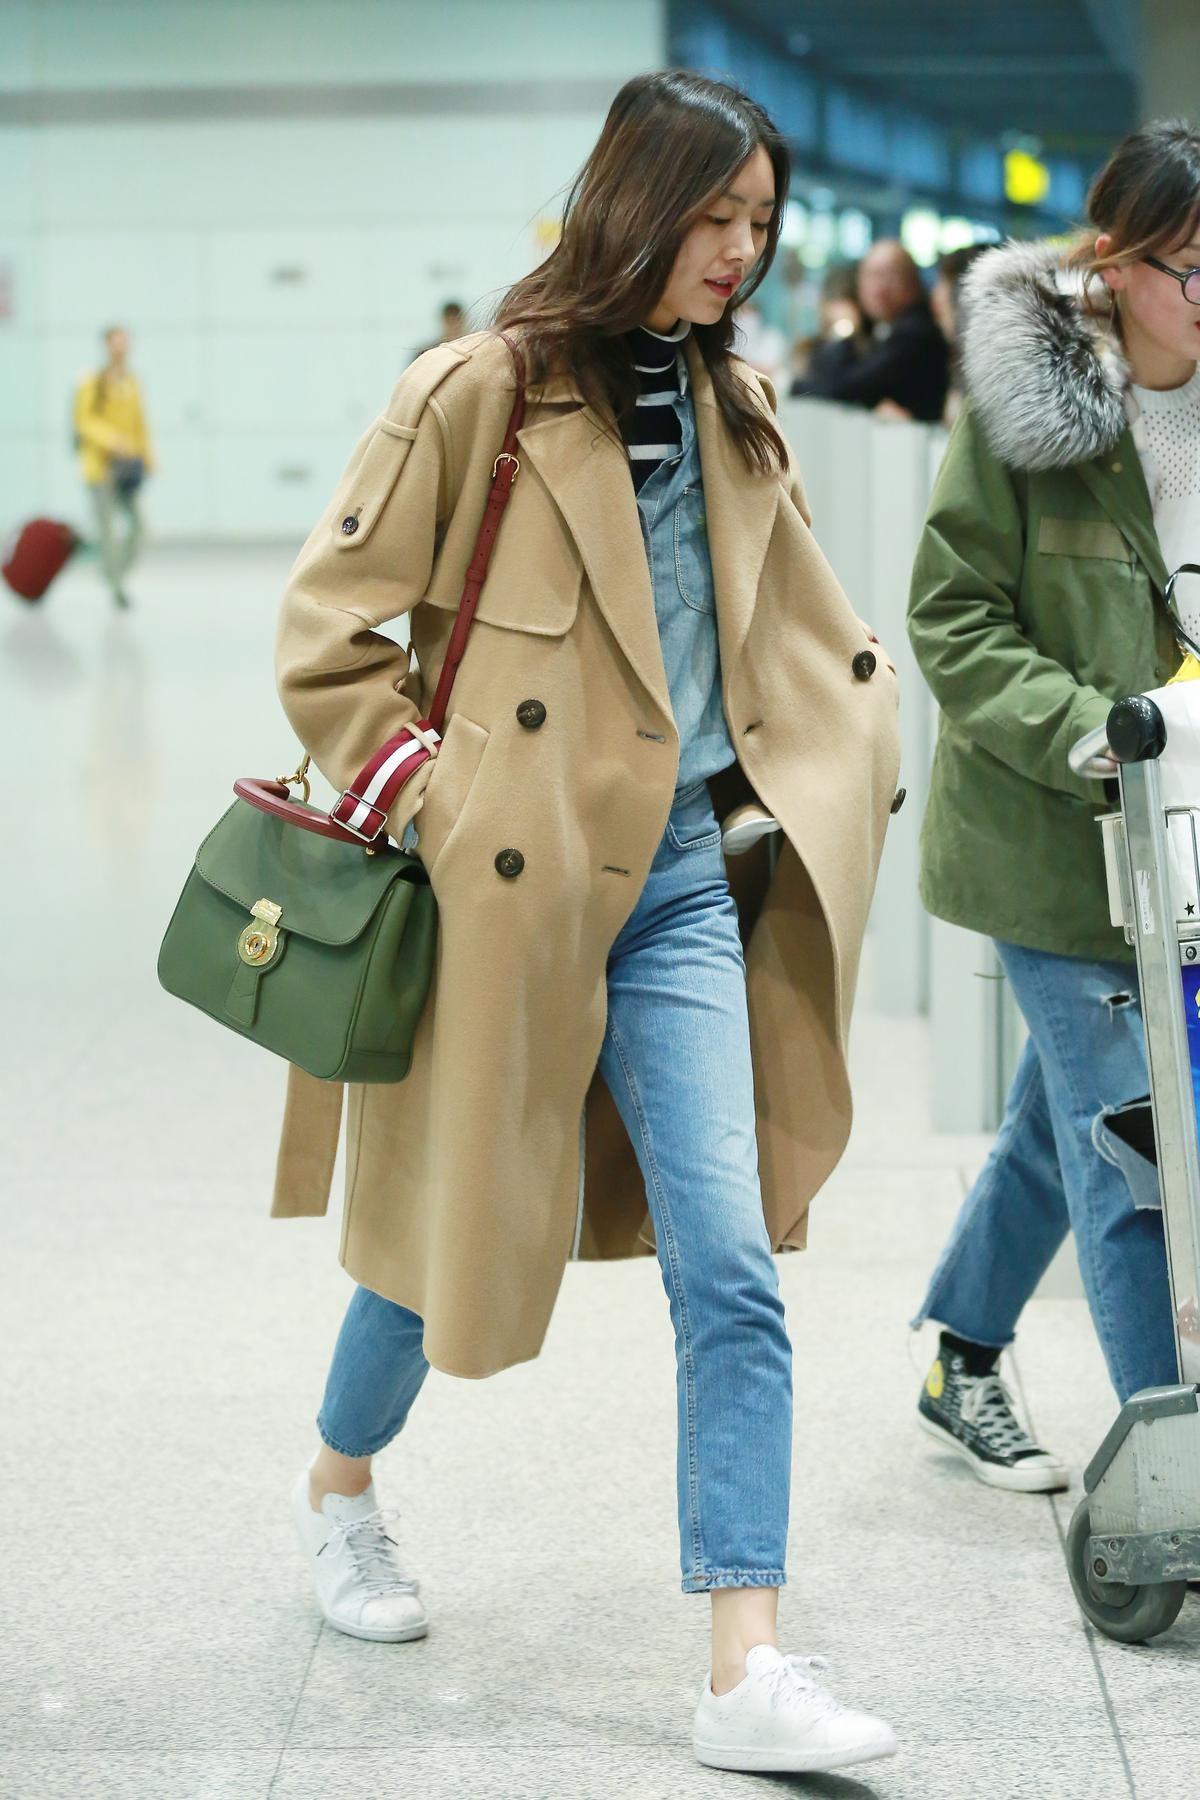 中國超模劉雯簡單的服飾搭配她天生的身高優勢,就是有氣勢,The DK88在她身側更顯畫龍點睛之效。